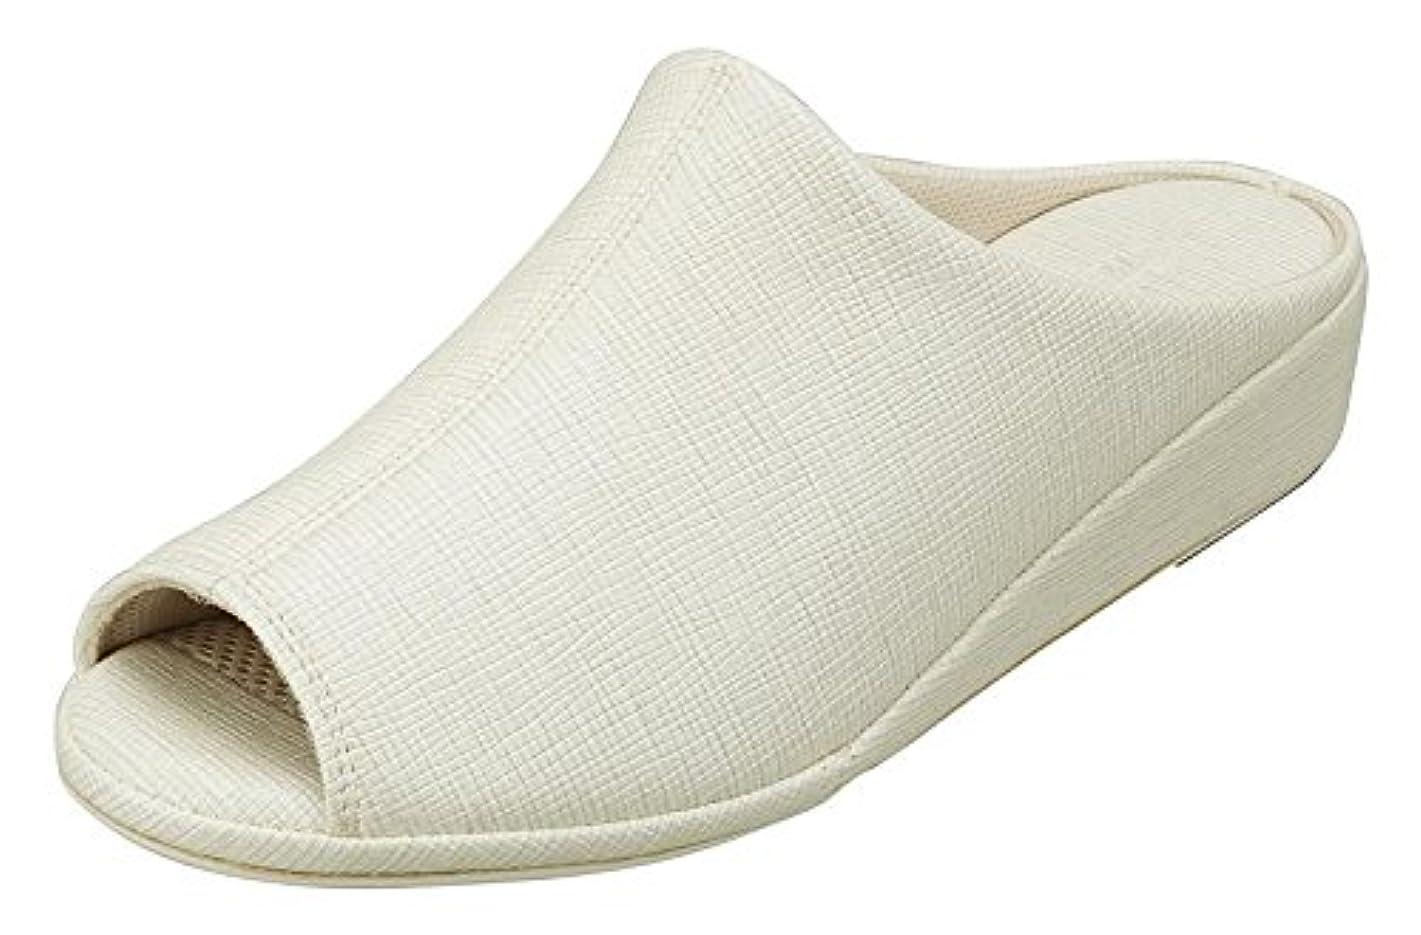 石鹸先擁する[パンジー] スリッパ婦人用室内履きレディースルームシューズ高めヒールのカバードデザイン9422